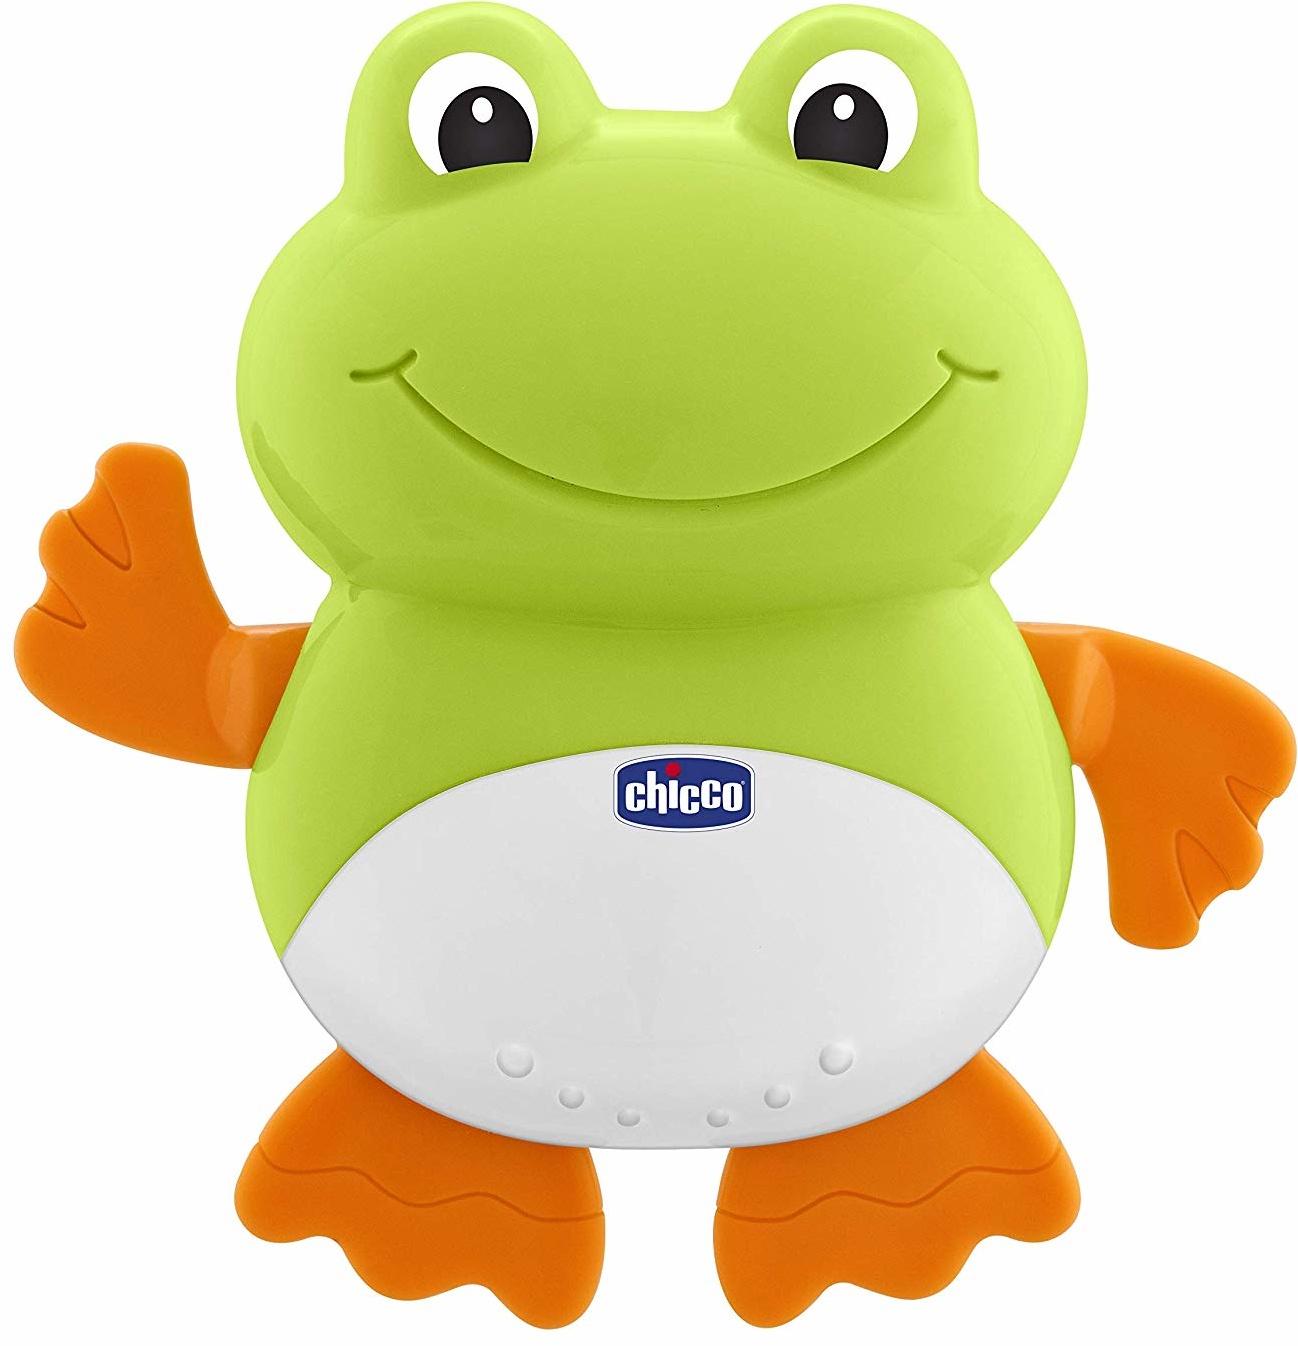 Игрушка для ванной Chicco Лягушонок какие игрушки интересны для малыша 8 месяцев фото